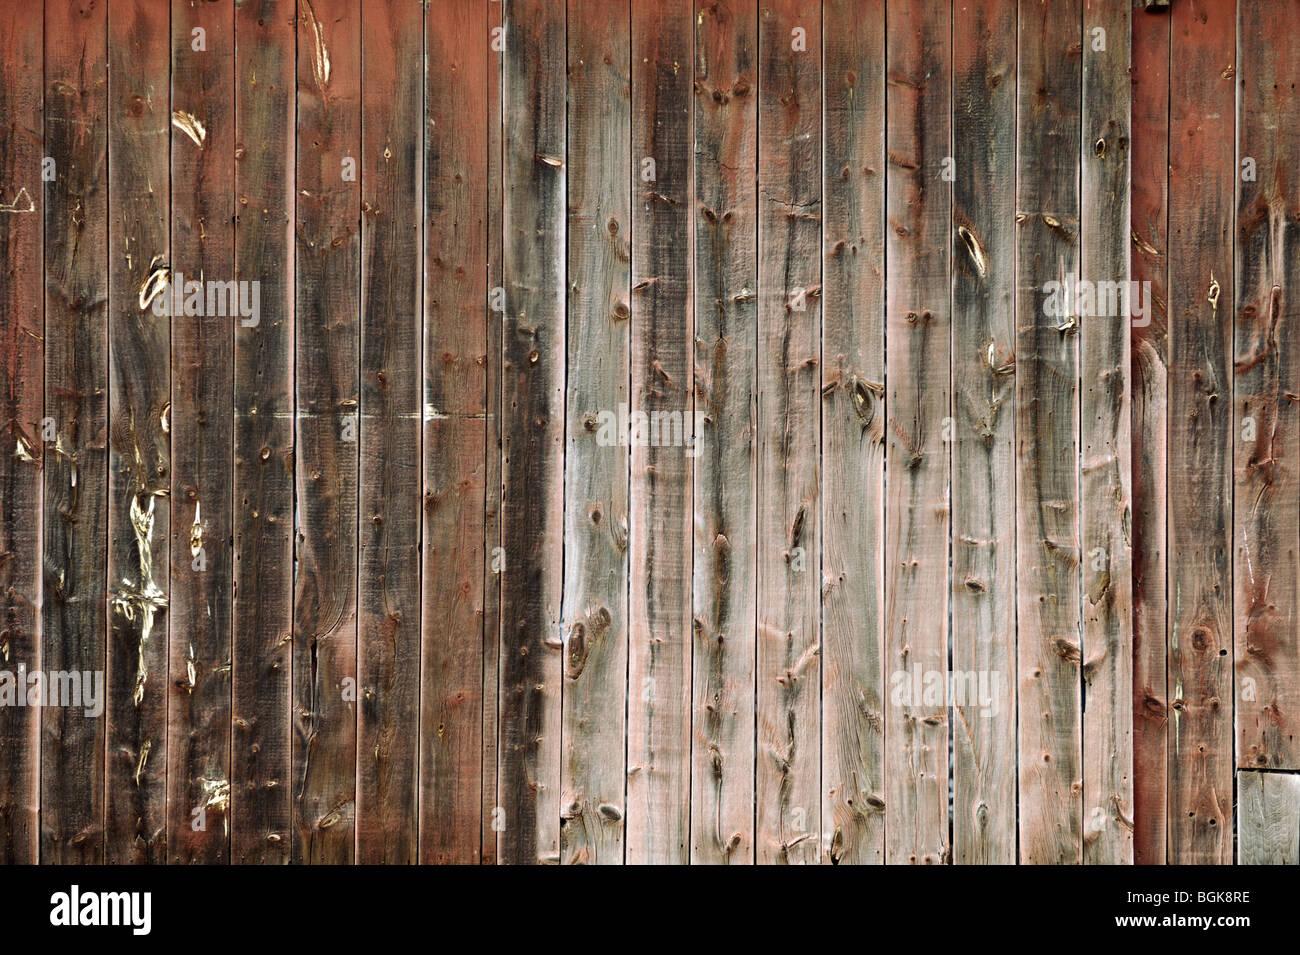 Les planches de bois vieilli grunge texture d'arrière-plan Photo Stock